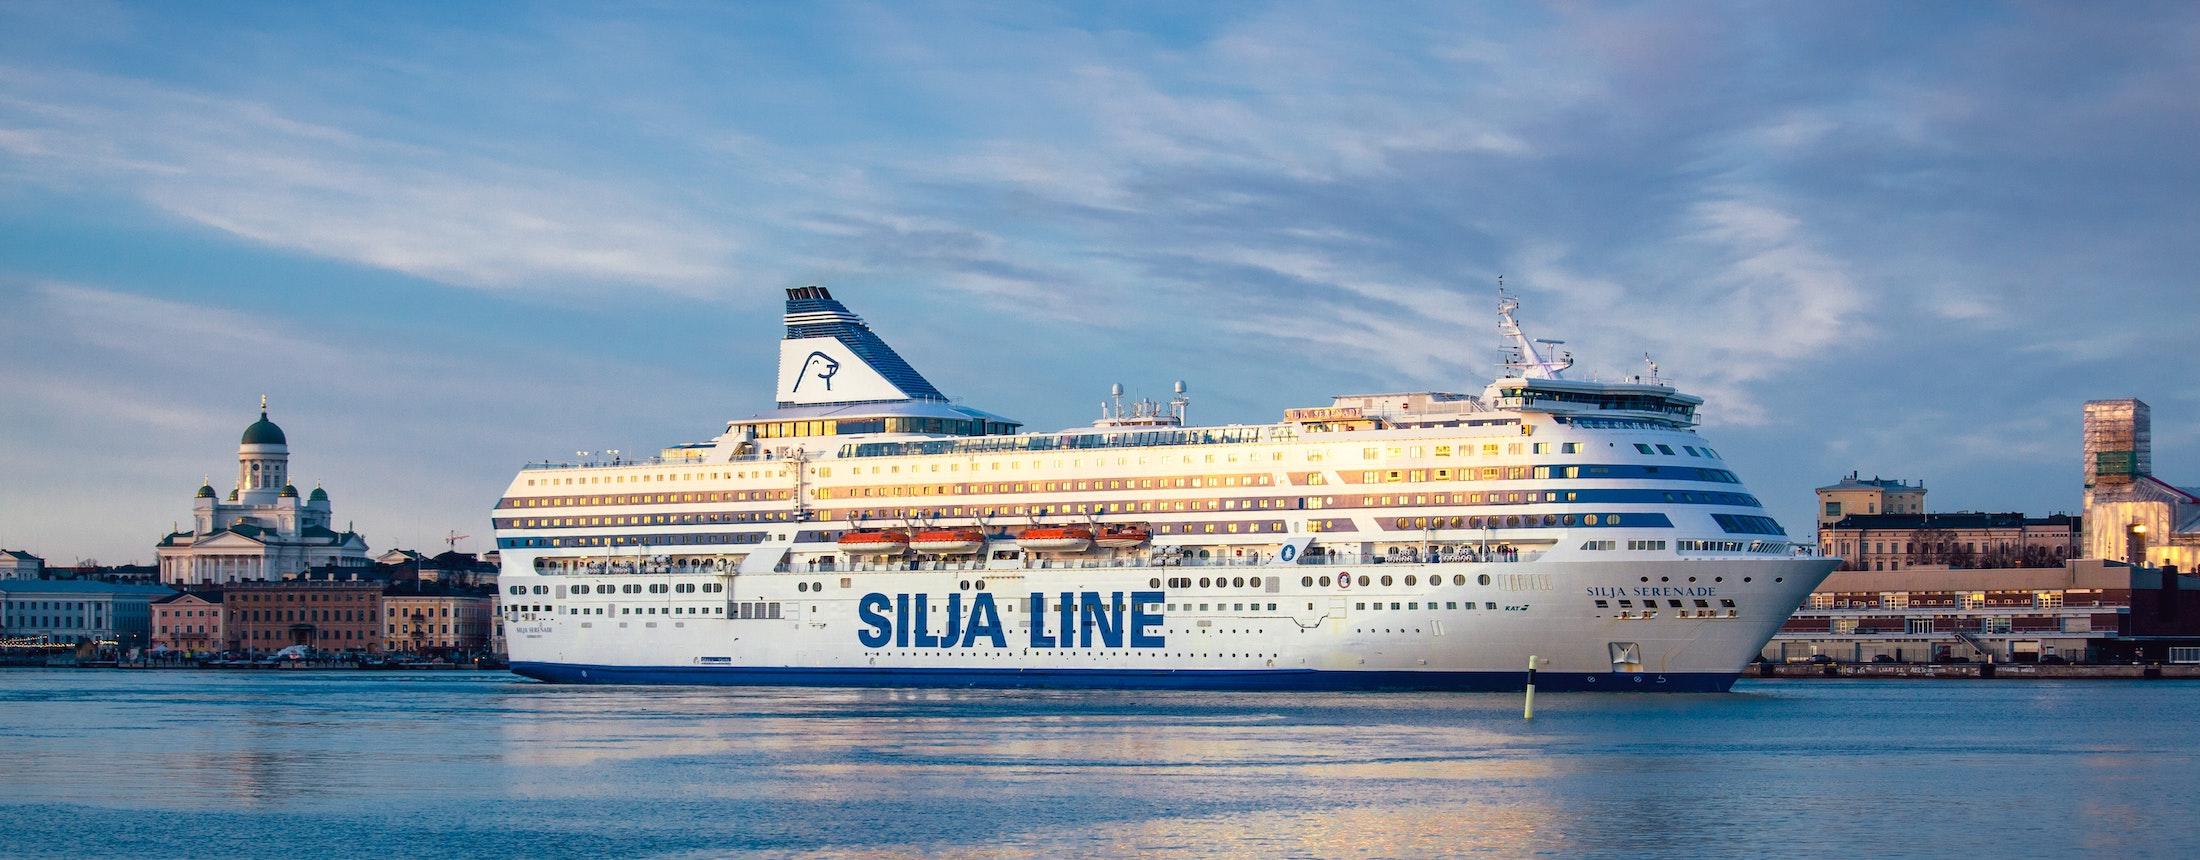 Foto von Tallink Silja - Silja Serenade Schiff